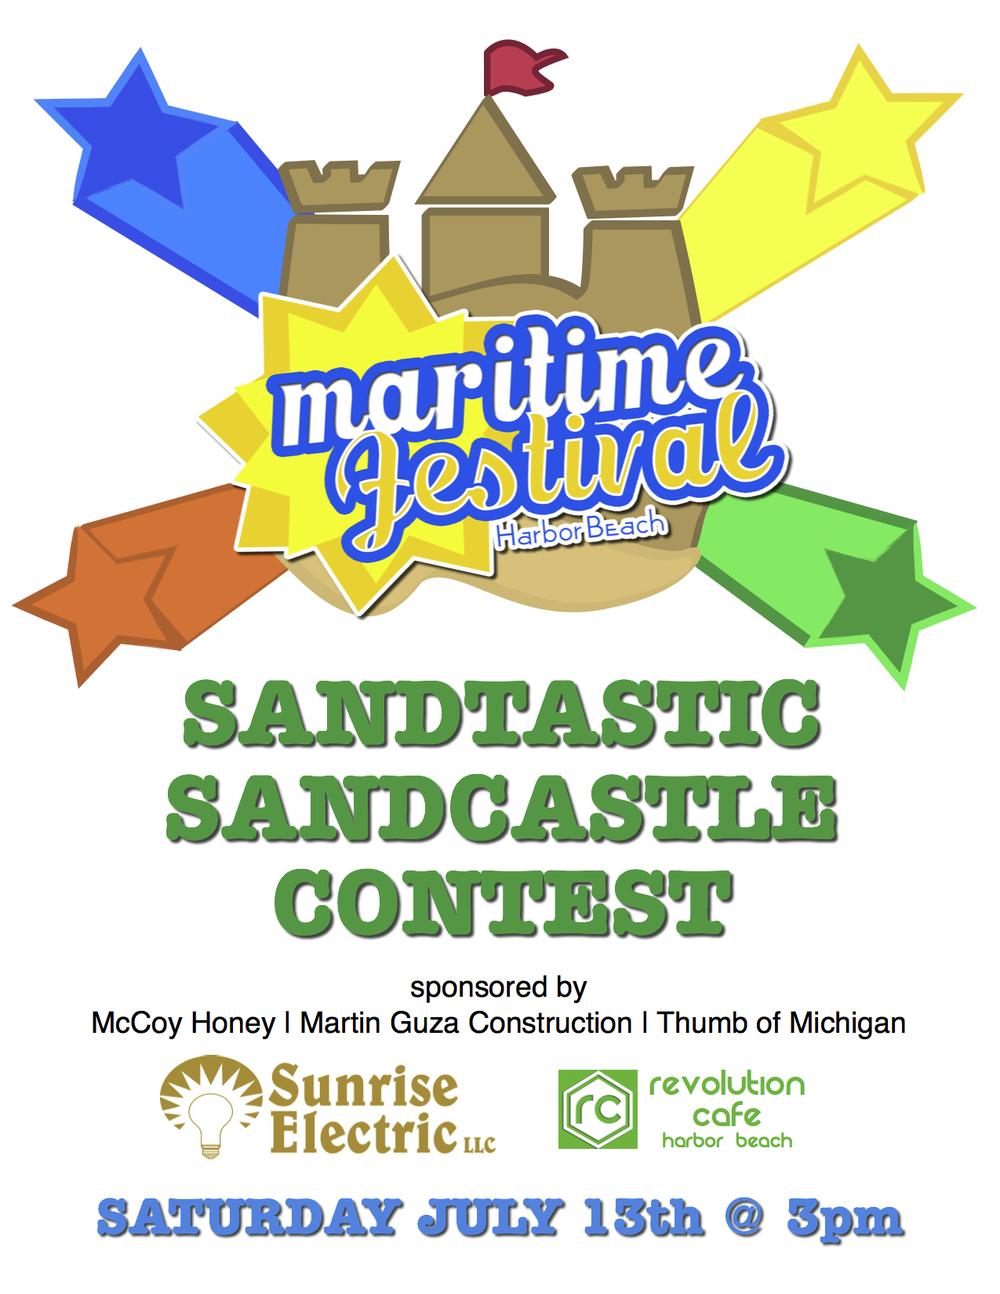 Sandtastic Poster.jpg